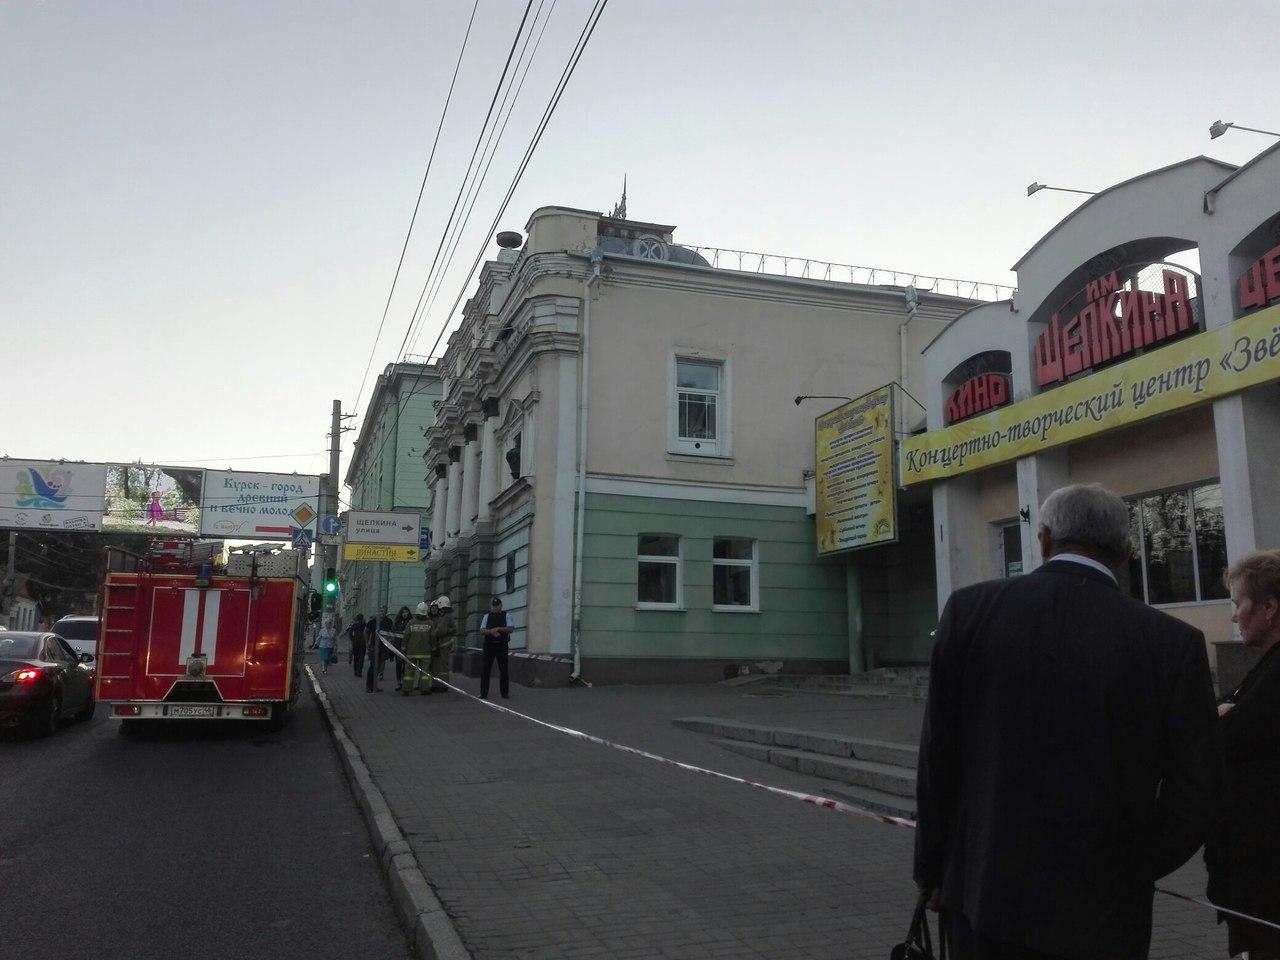 Срочная новость. Во второй половине дня в Курске оцепили несколько мест массового пребывания.